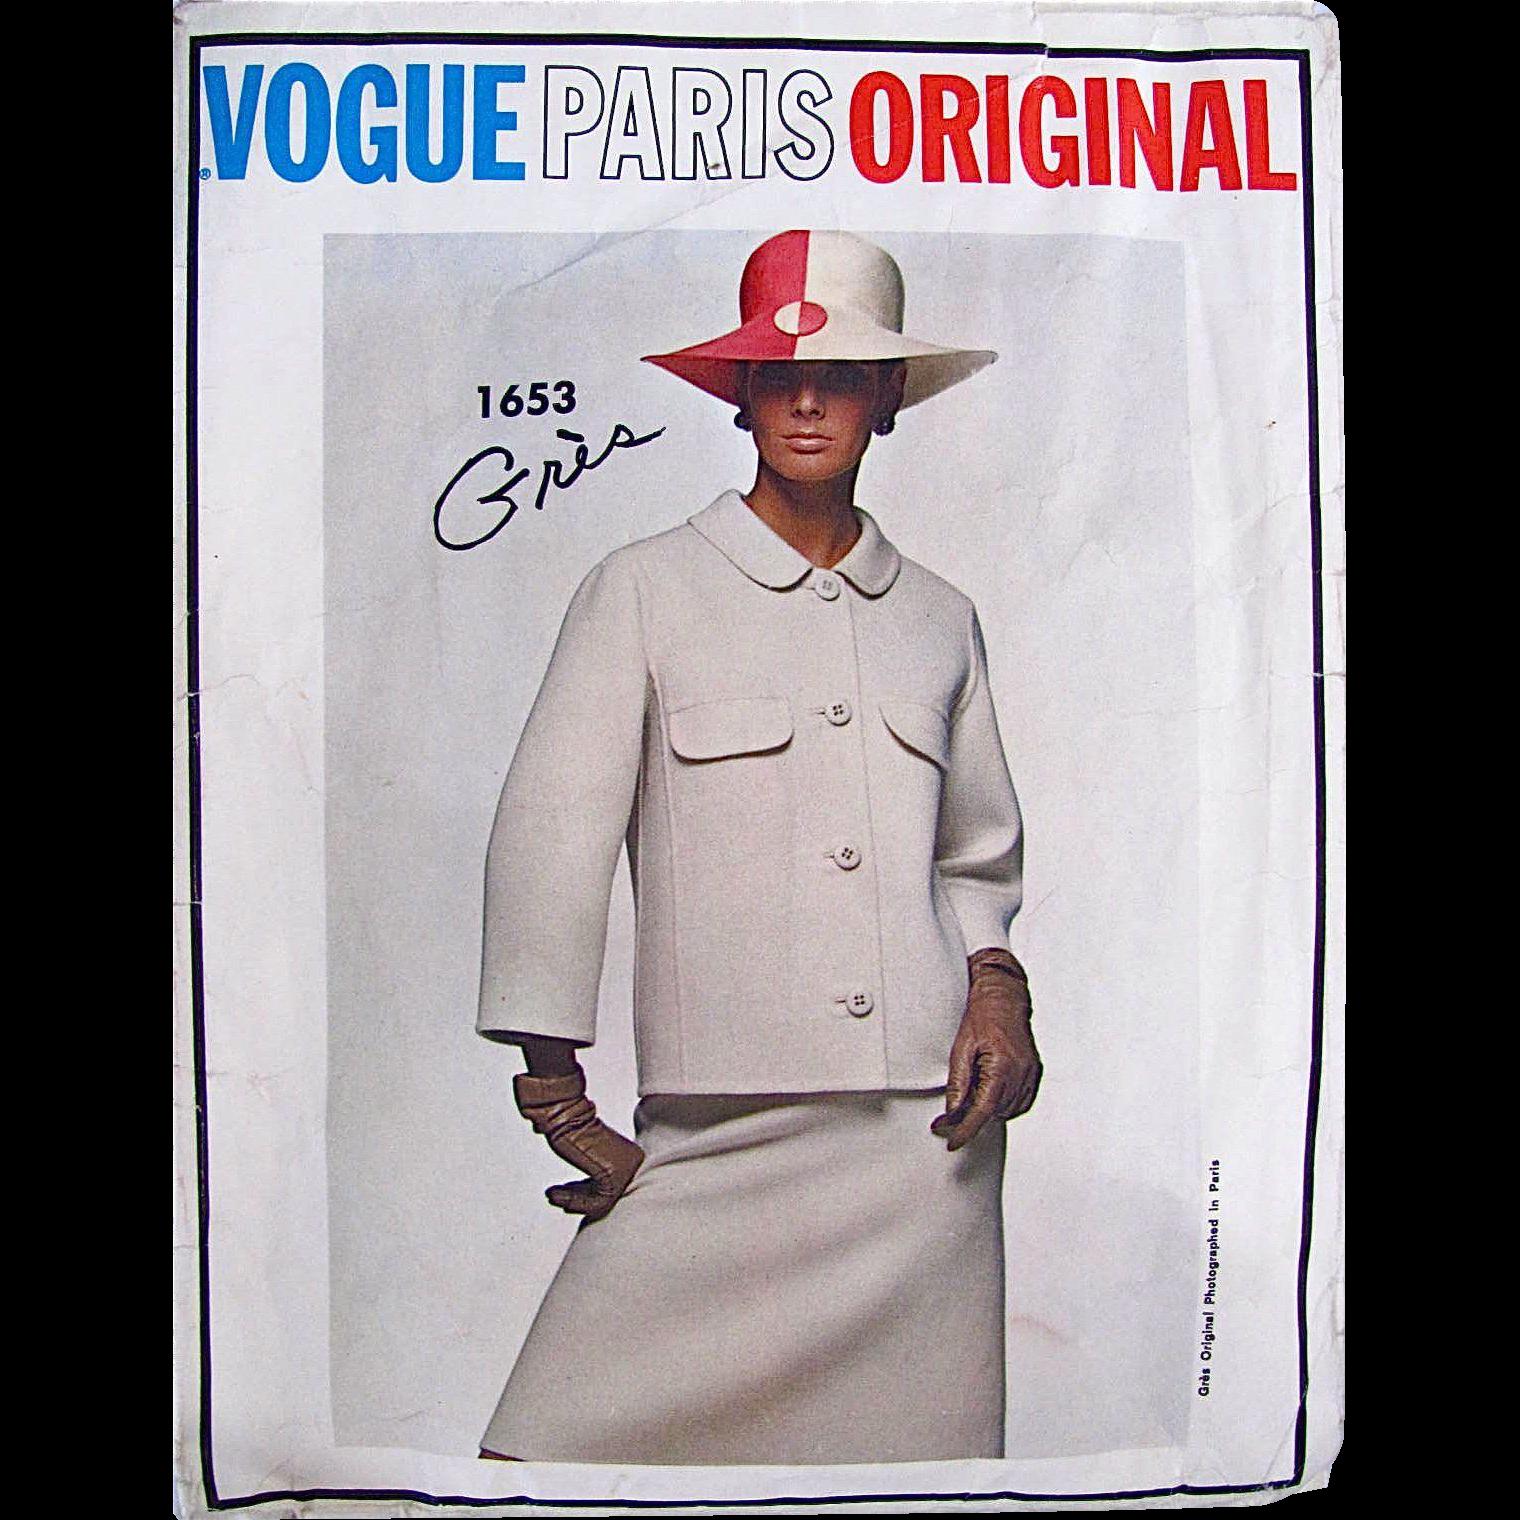 Vogue Paris Original Sewing Pattern1653.  Women's Suit Pattern, Designer Gres, Misses Size 14, Bust 34, Cut, Complete, Vintage 1960s